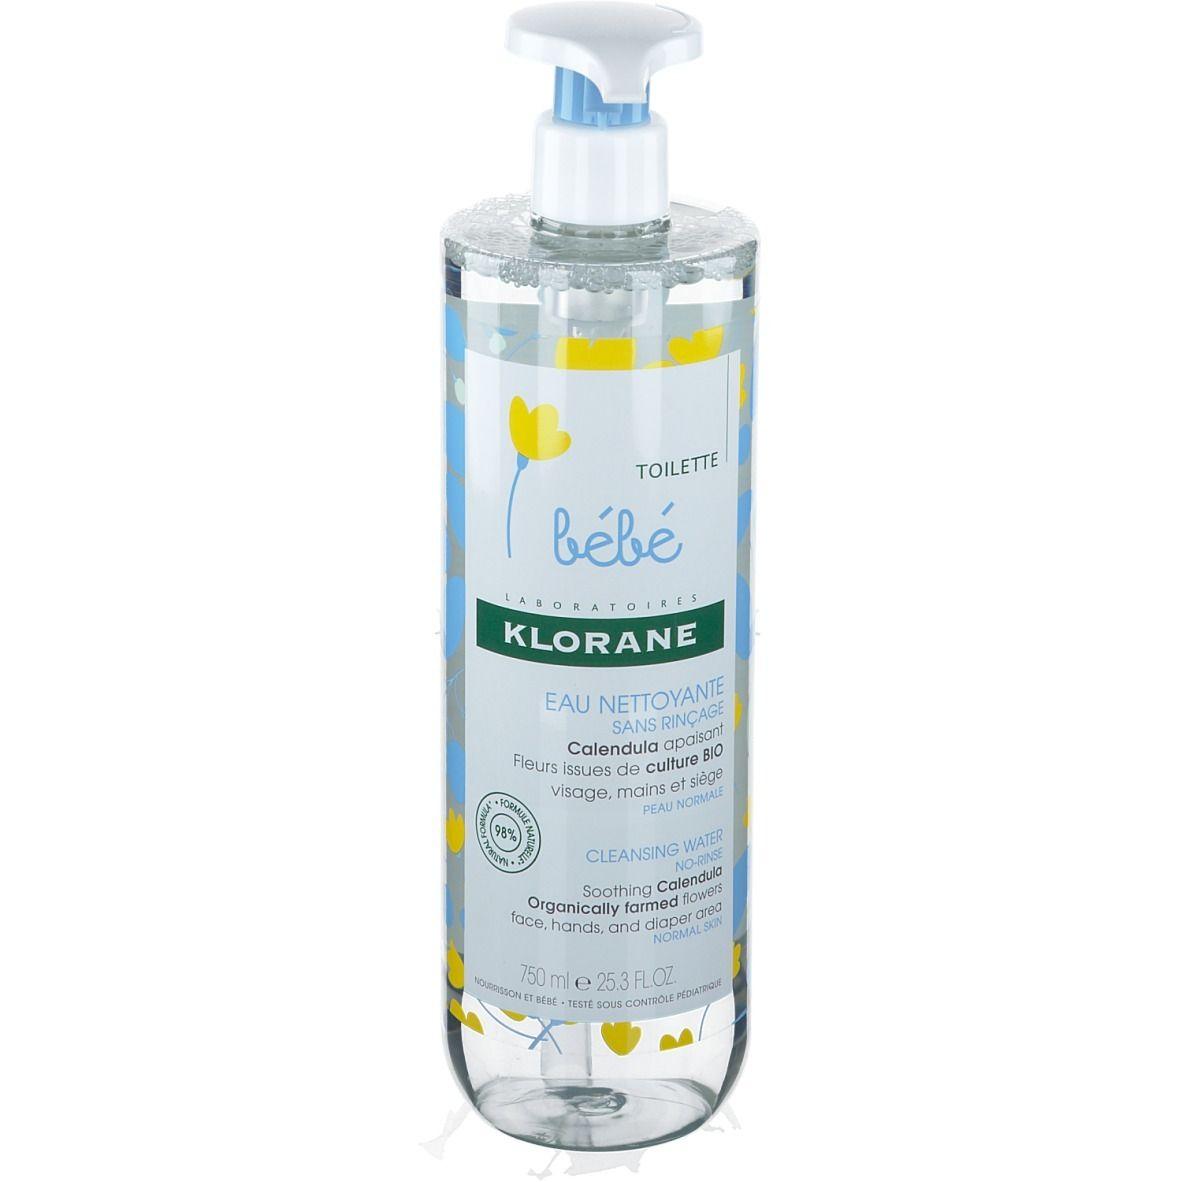 Klorane Bébé Toilette Eau Nettoyante Sans Rinçage au Calendula Bio ml produit(s) démaquillant(s)